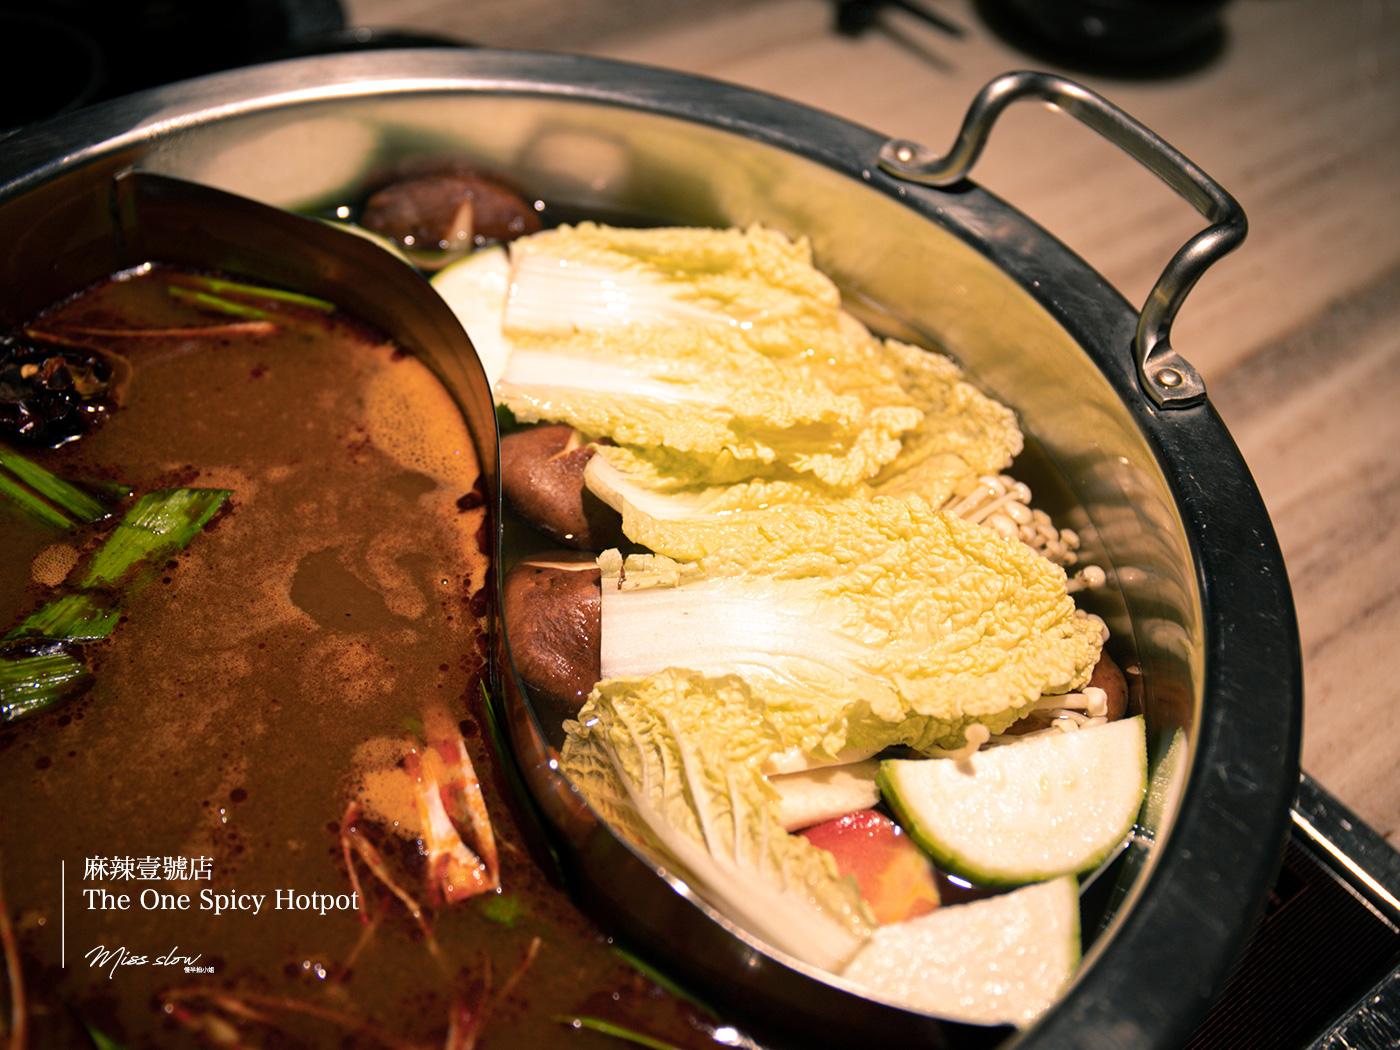 麻辣一號店-季節蔬菜菇盤下鍋